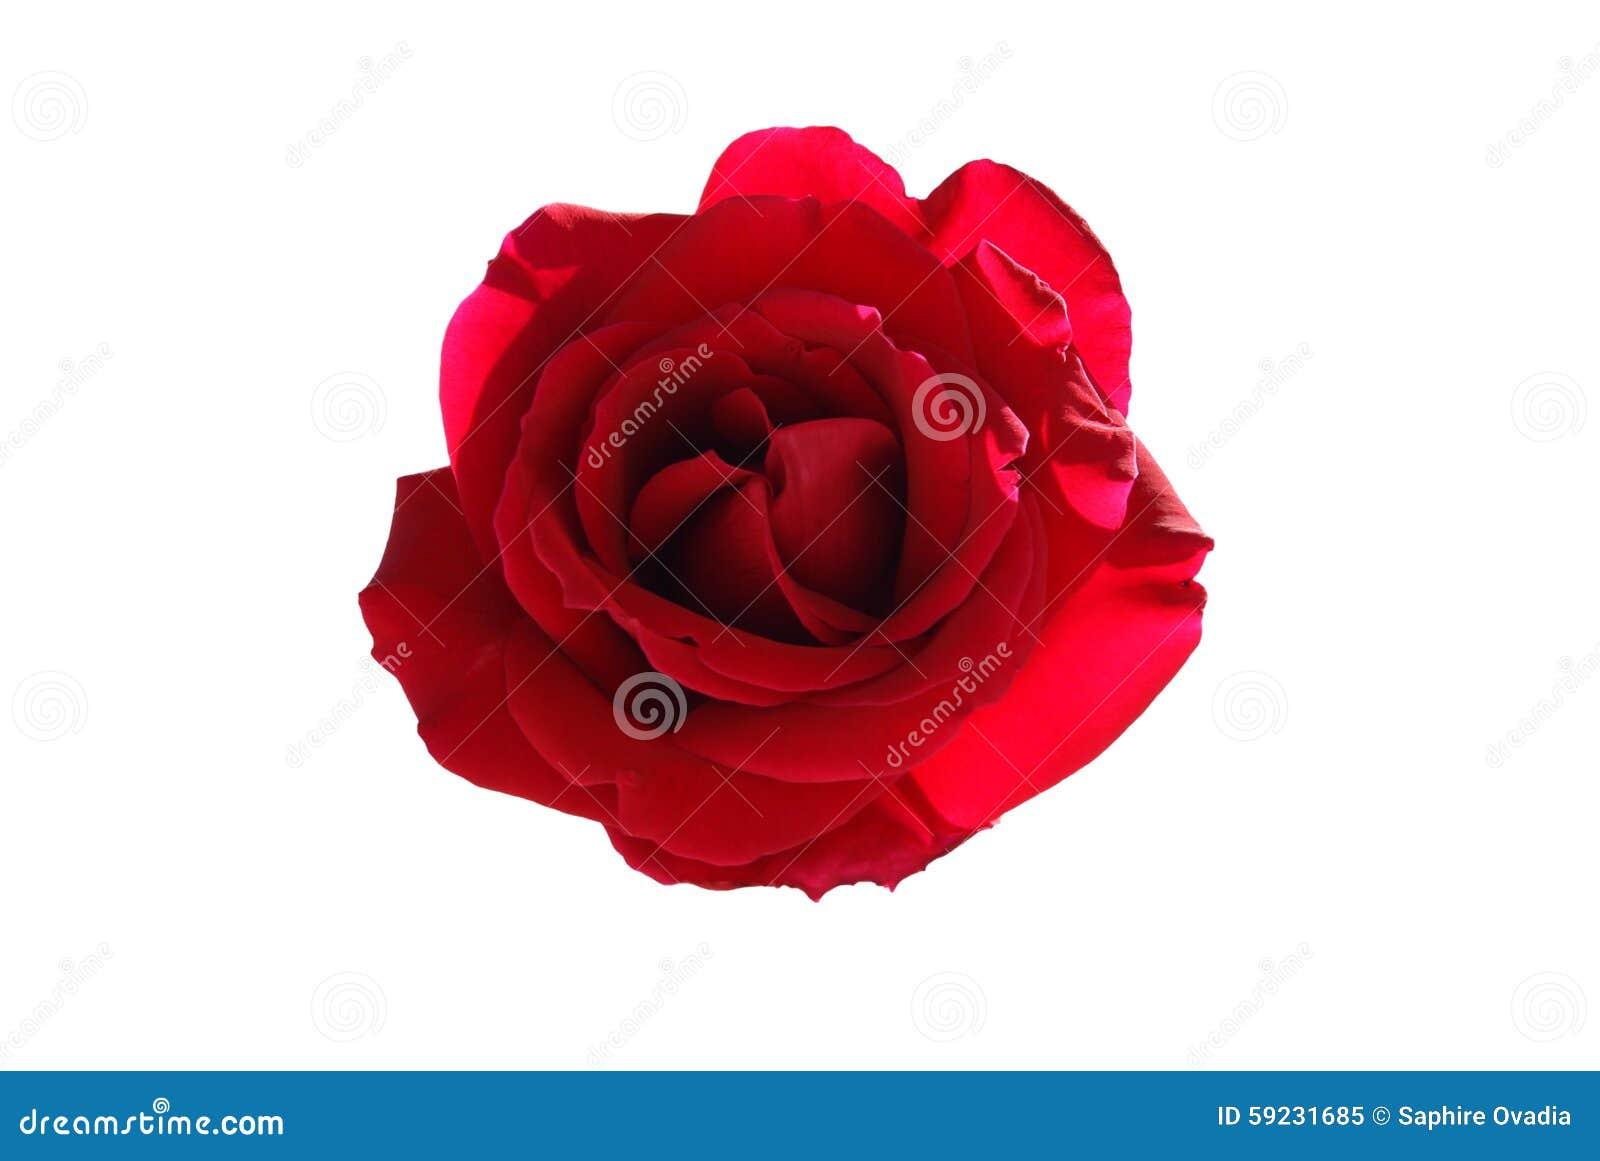 Download El rojo se levantó imagen de archivo. Imagen de día, cubo - 59231685